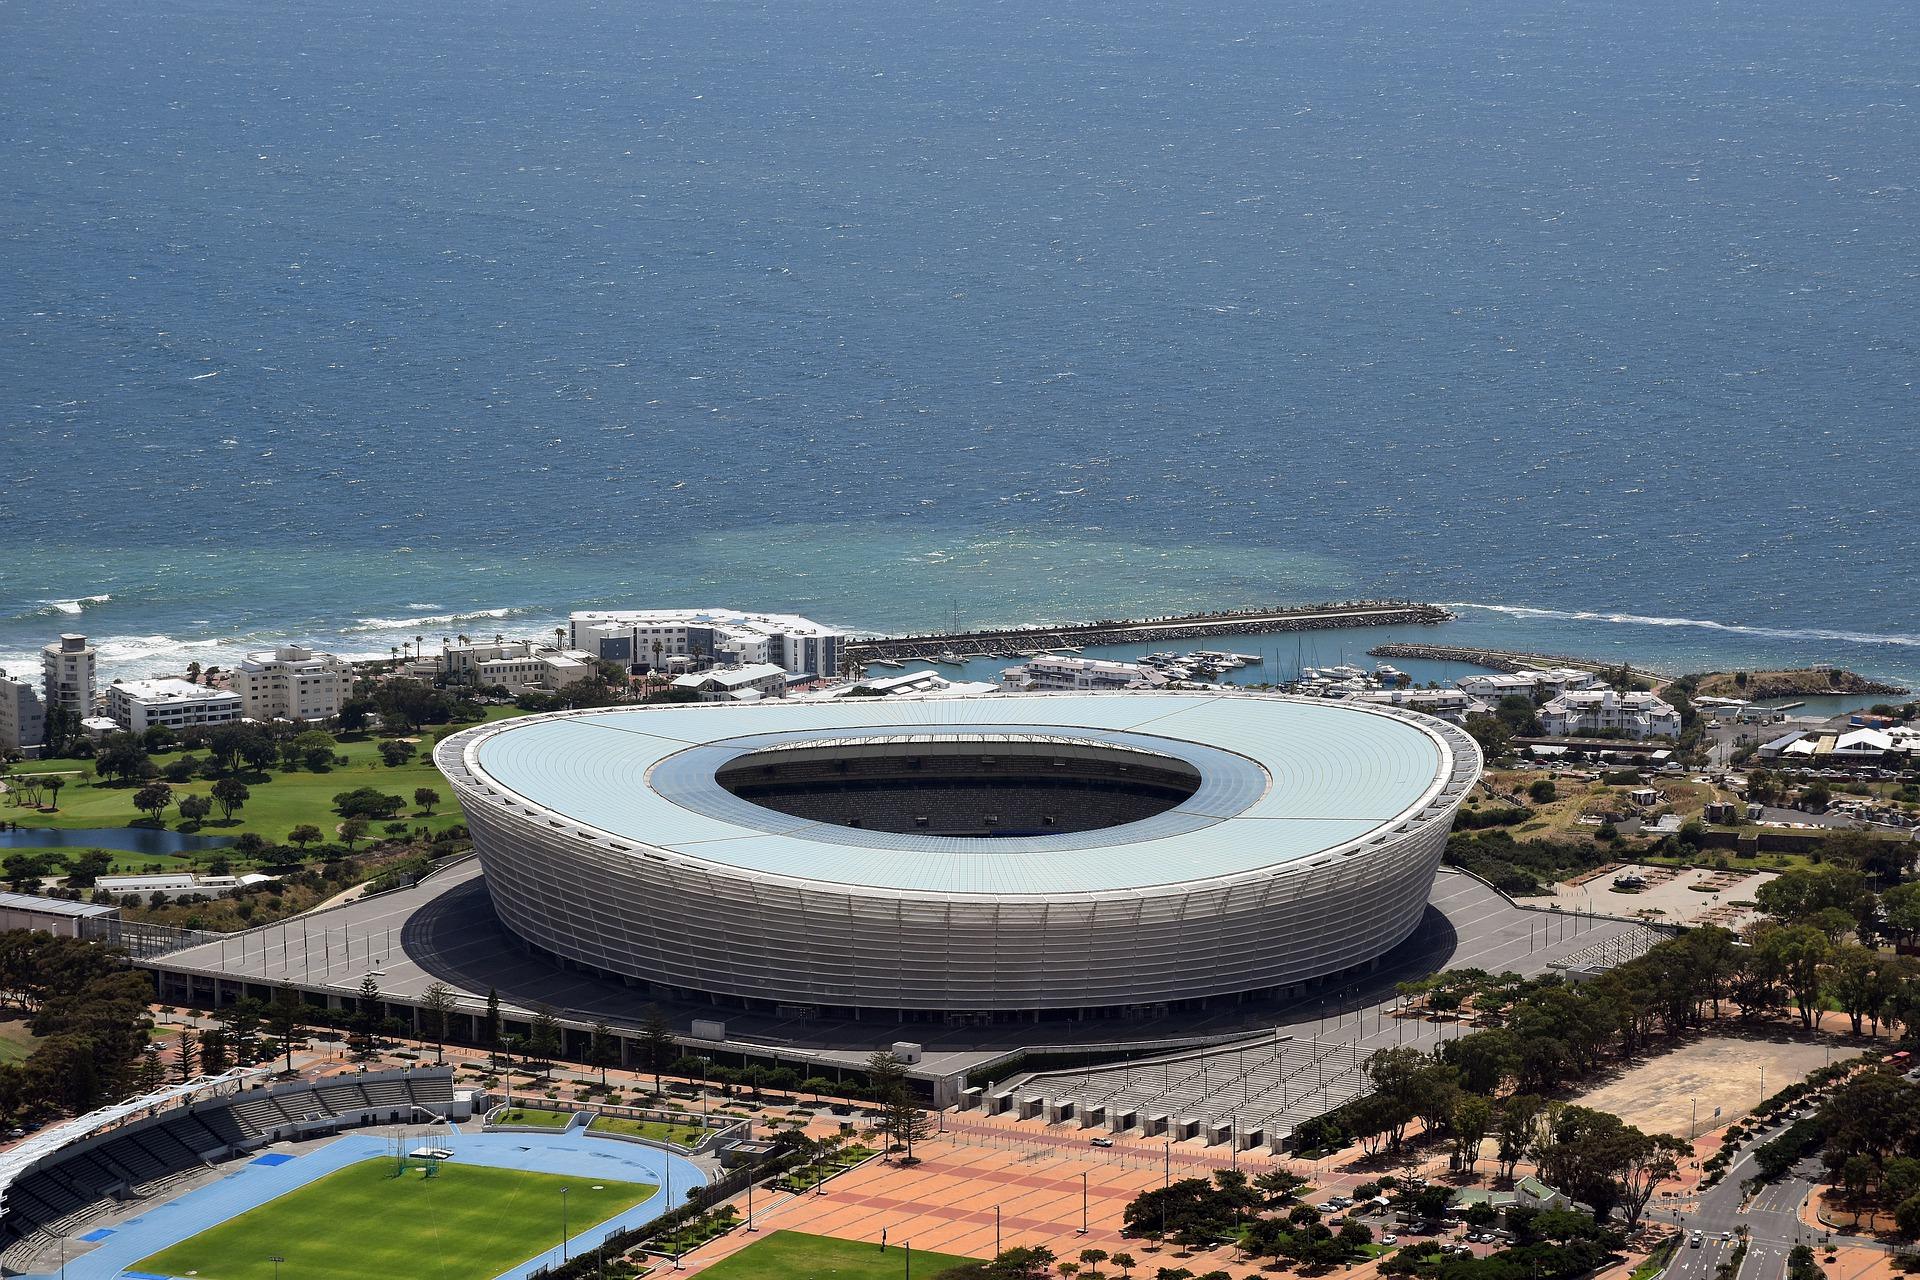 Estádio na Cidade do Cabo, África do Sul